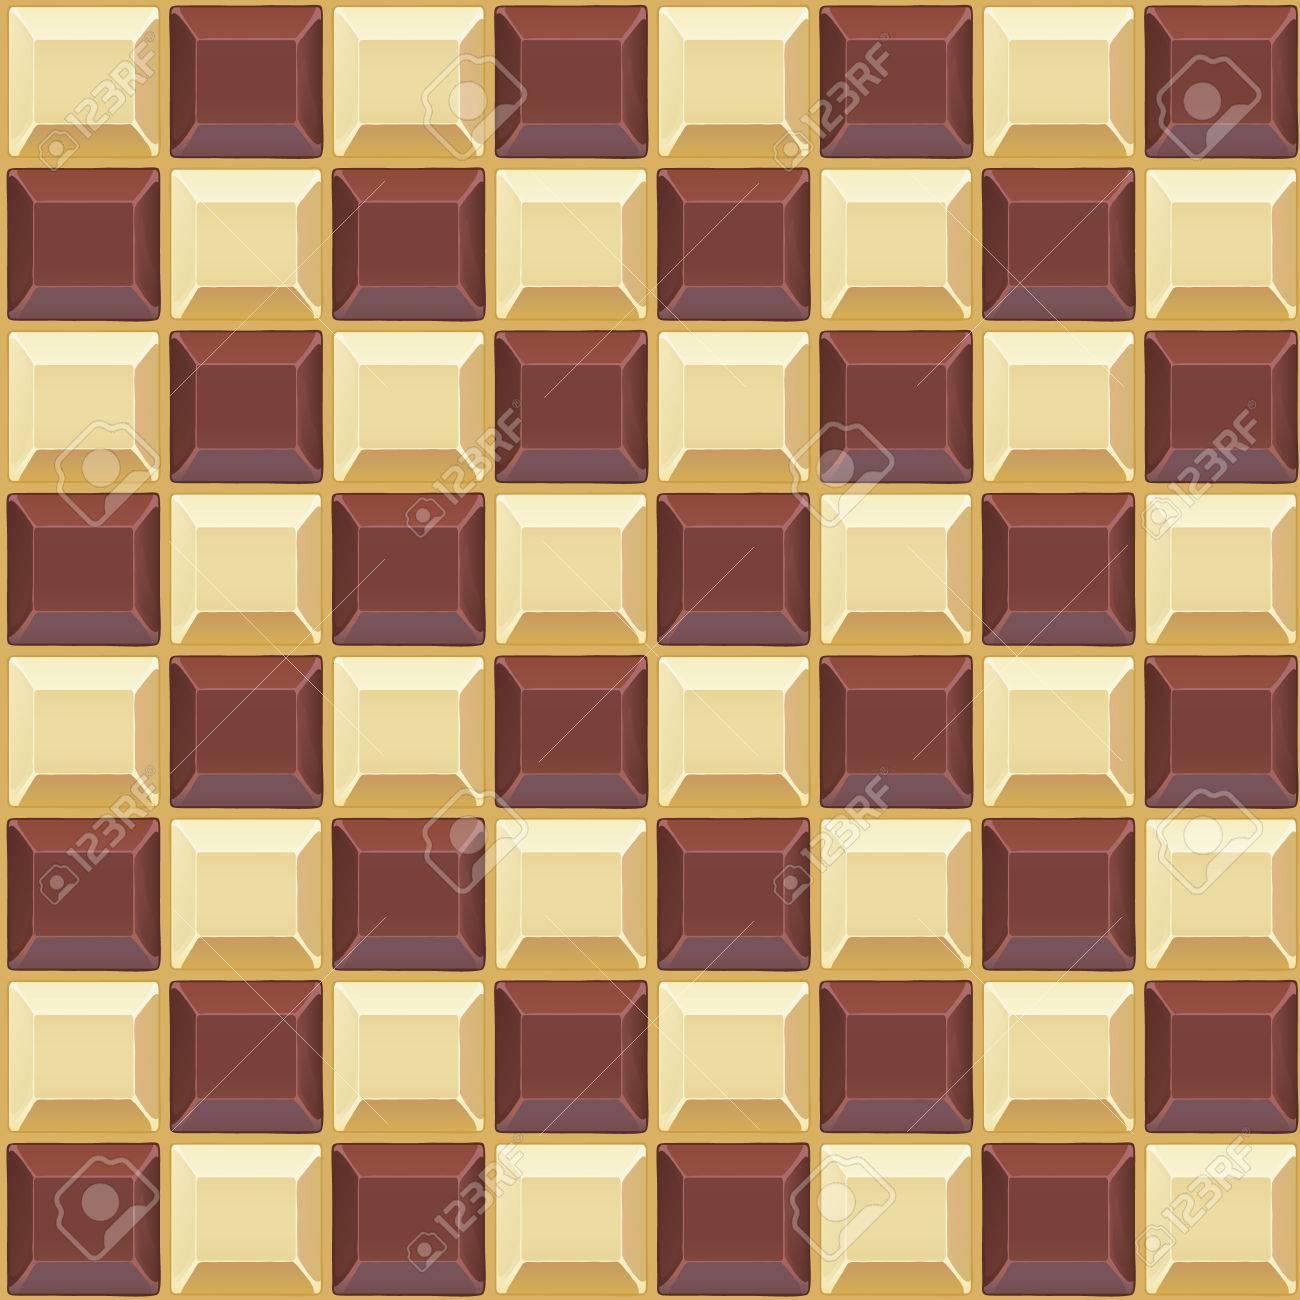 ブラックとホワイト チョコレートのシームレスなベクトル パターン